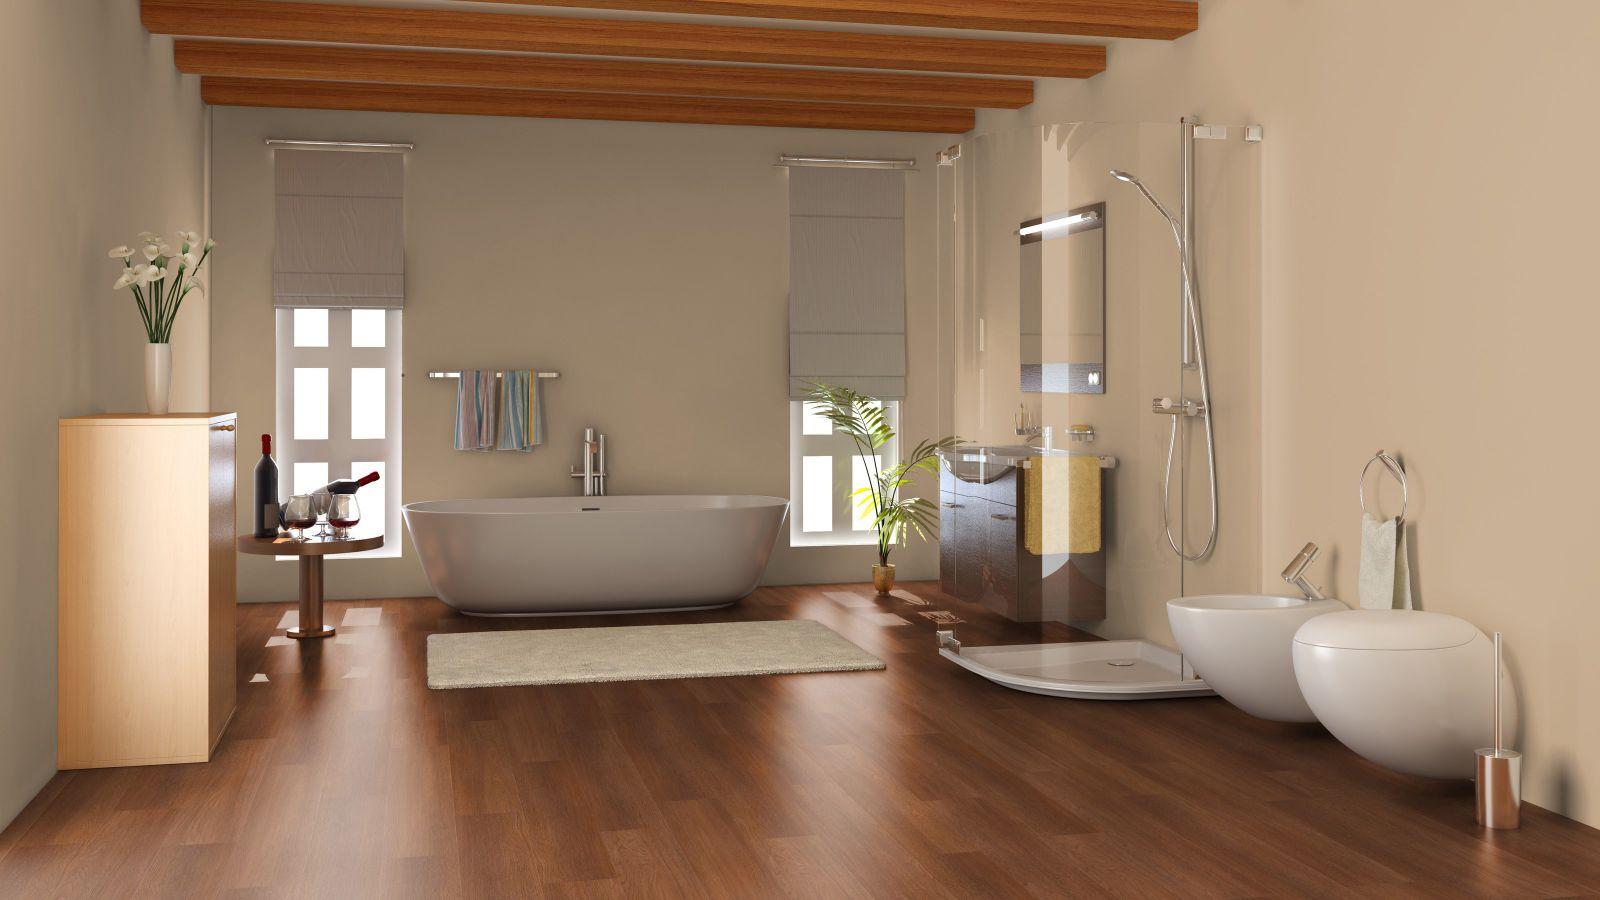 Betonvloer Badkamer Maken : Badkamer betonvloer maken luxe en betoverend badkamer